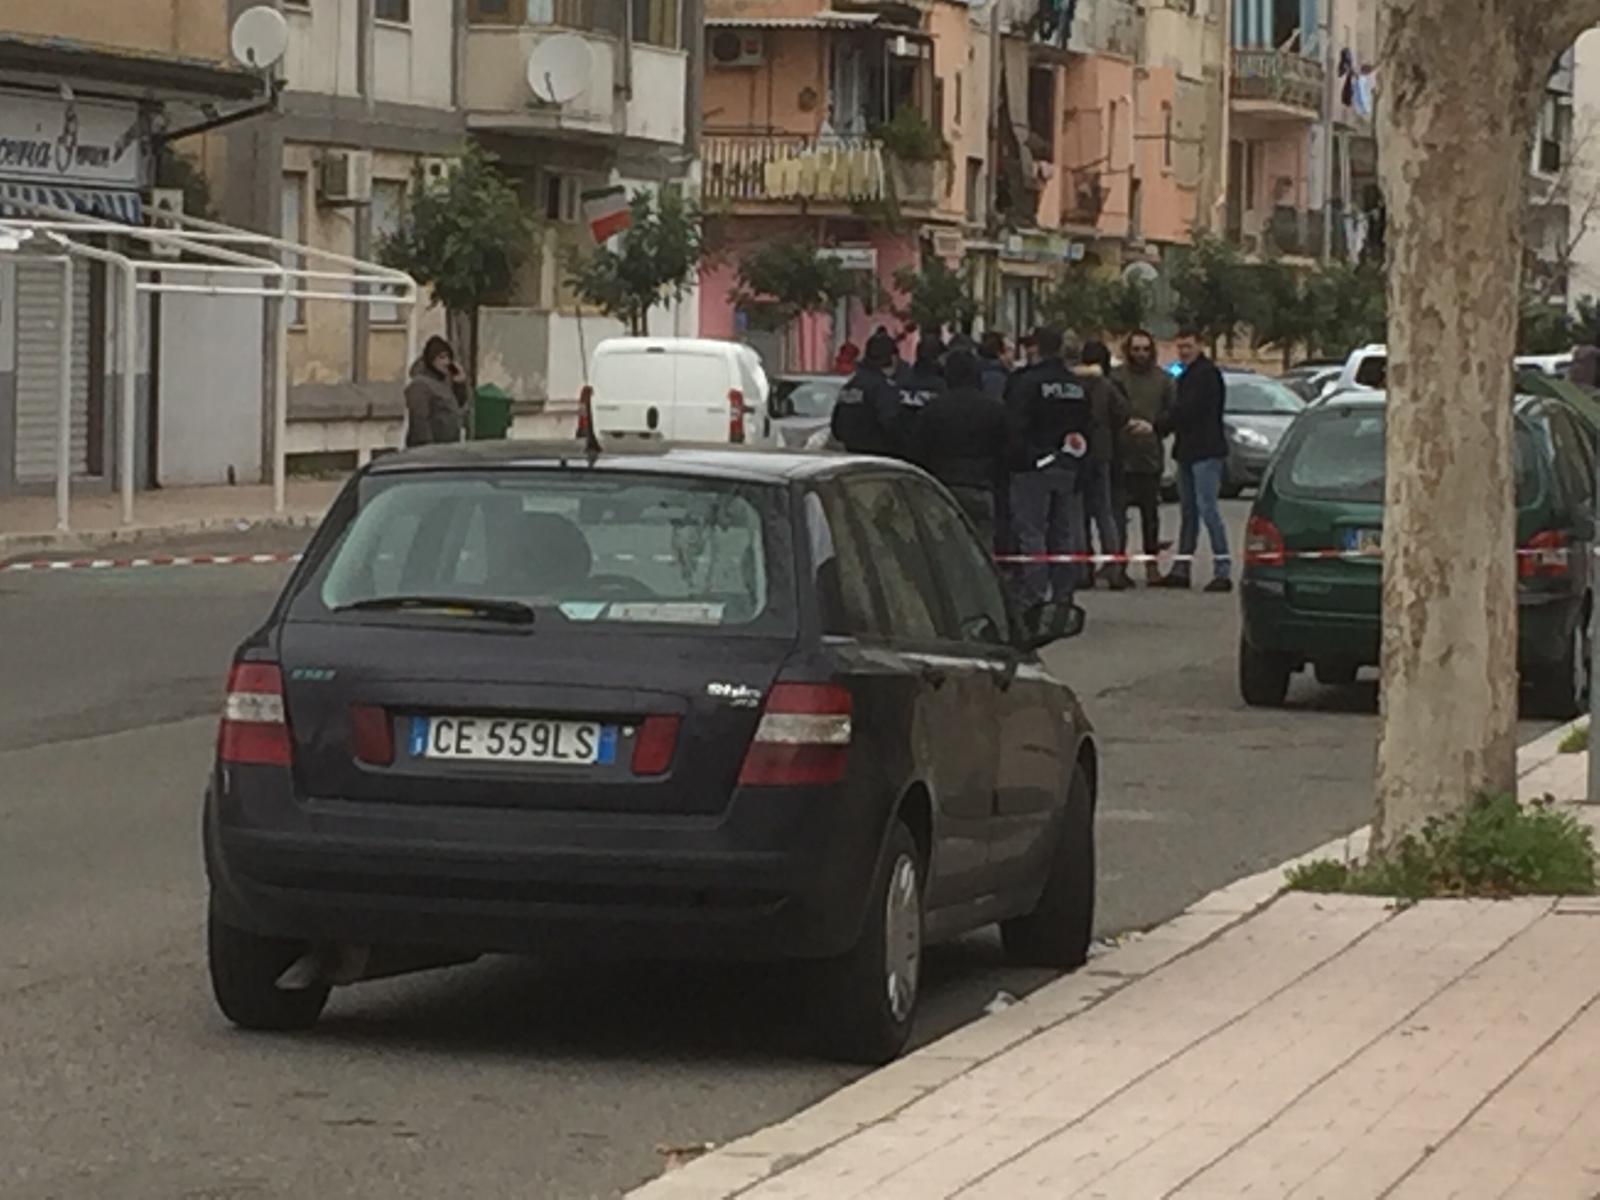 Sparatoria in strada a Crotone, panico tra la genteDiversi colpi di fucile e pistola tra studenti e passanti